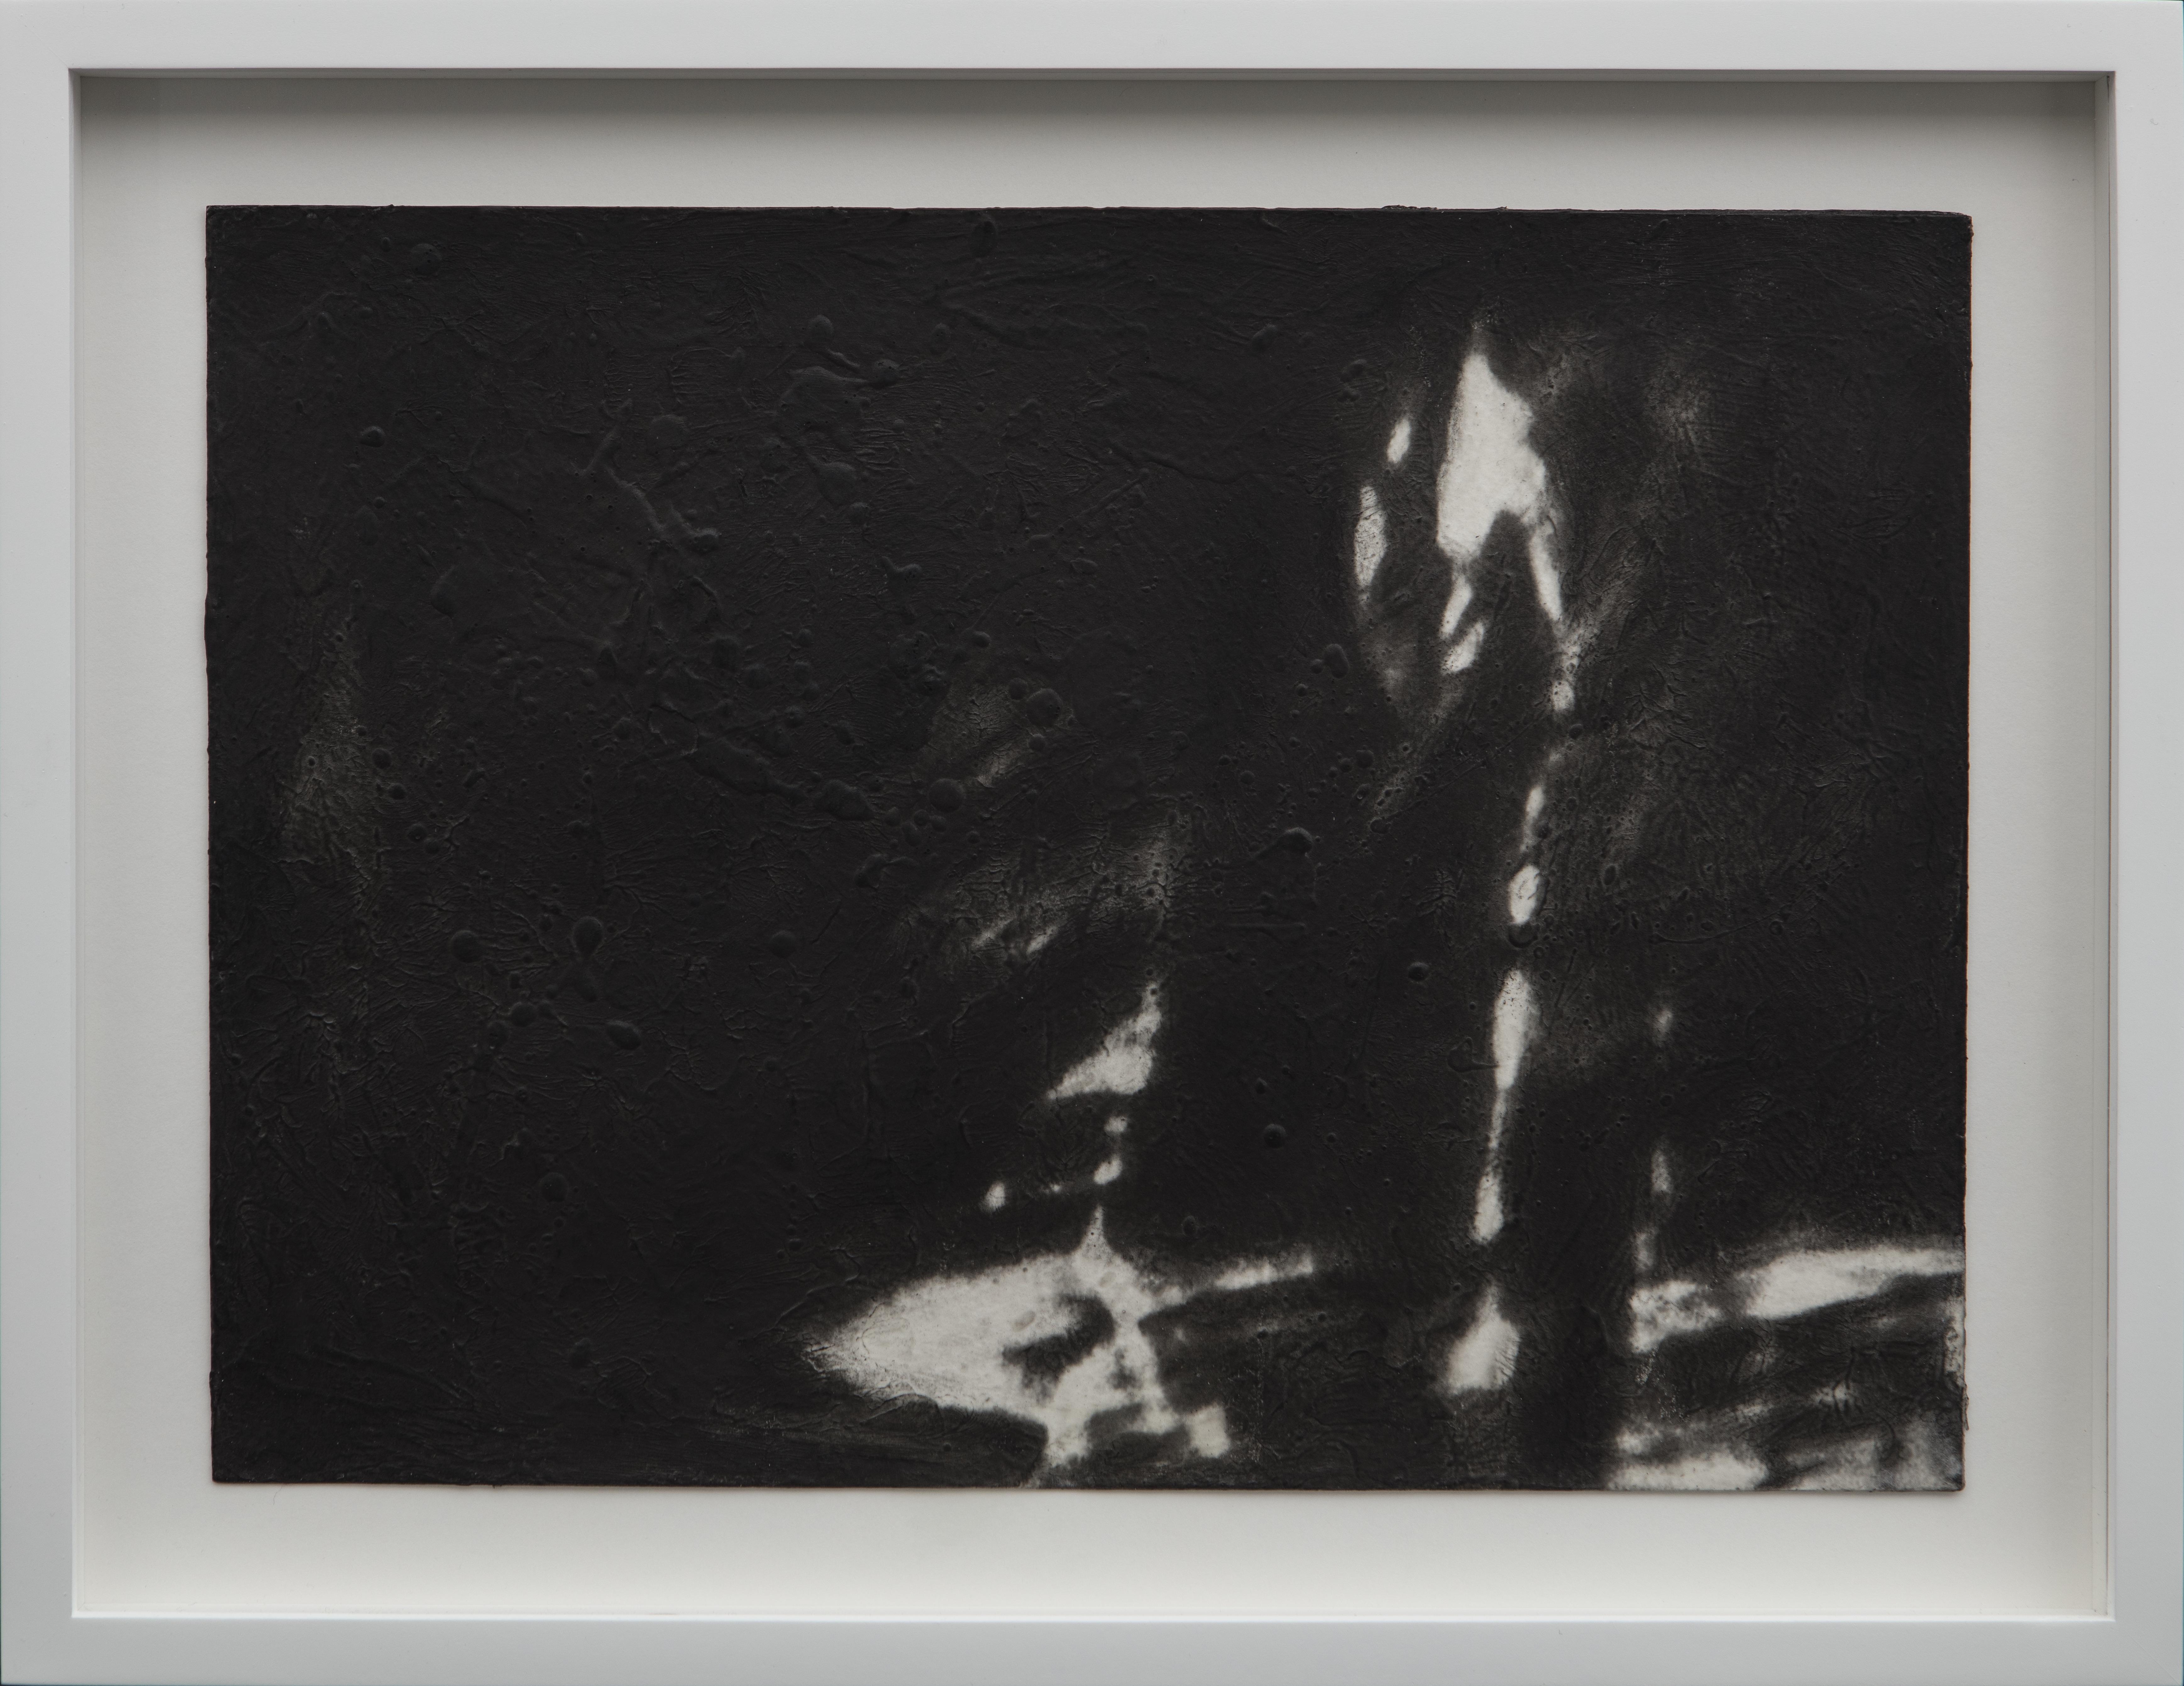 01-Canto II, 2017 Charcoal and acrylic m